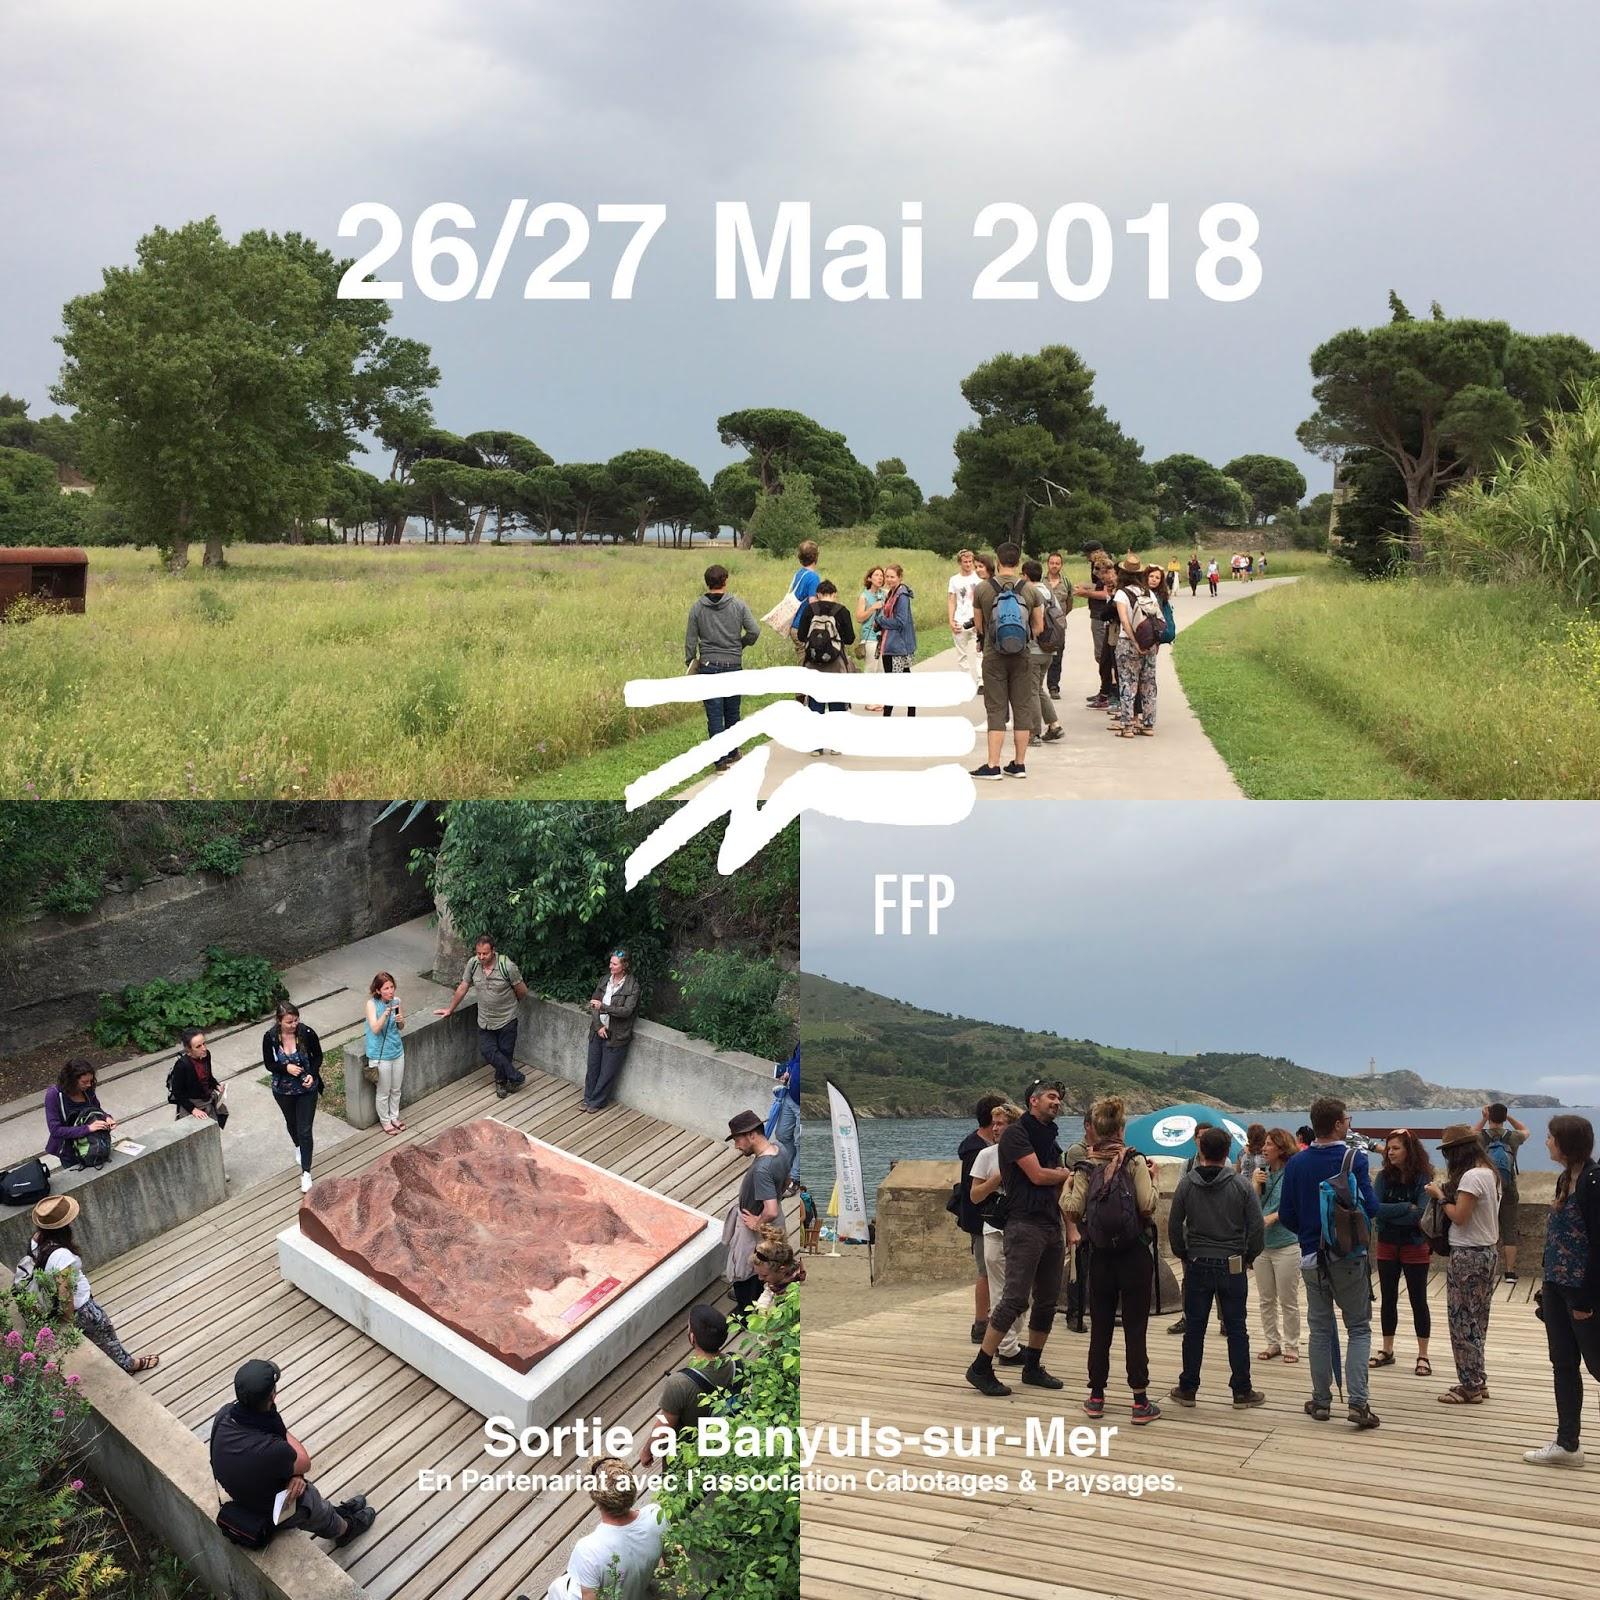 Architecte Paysagiste Midi Pyrénées ffp: 26-27 mai 2018 sortie paysage À banyuls sur mer